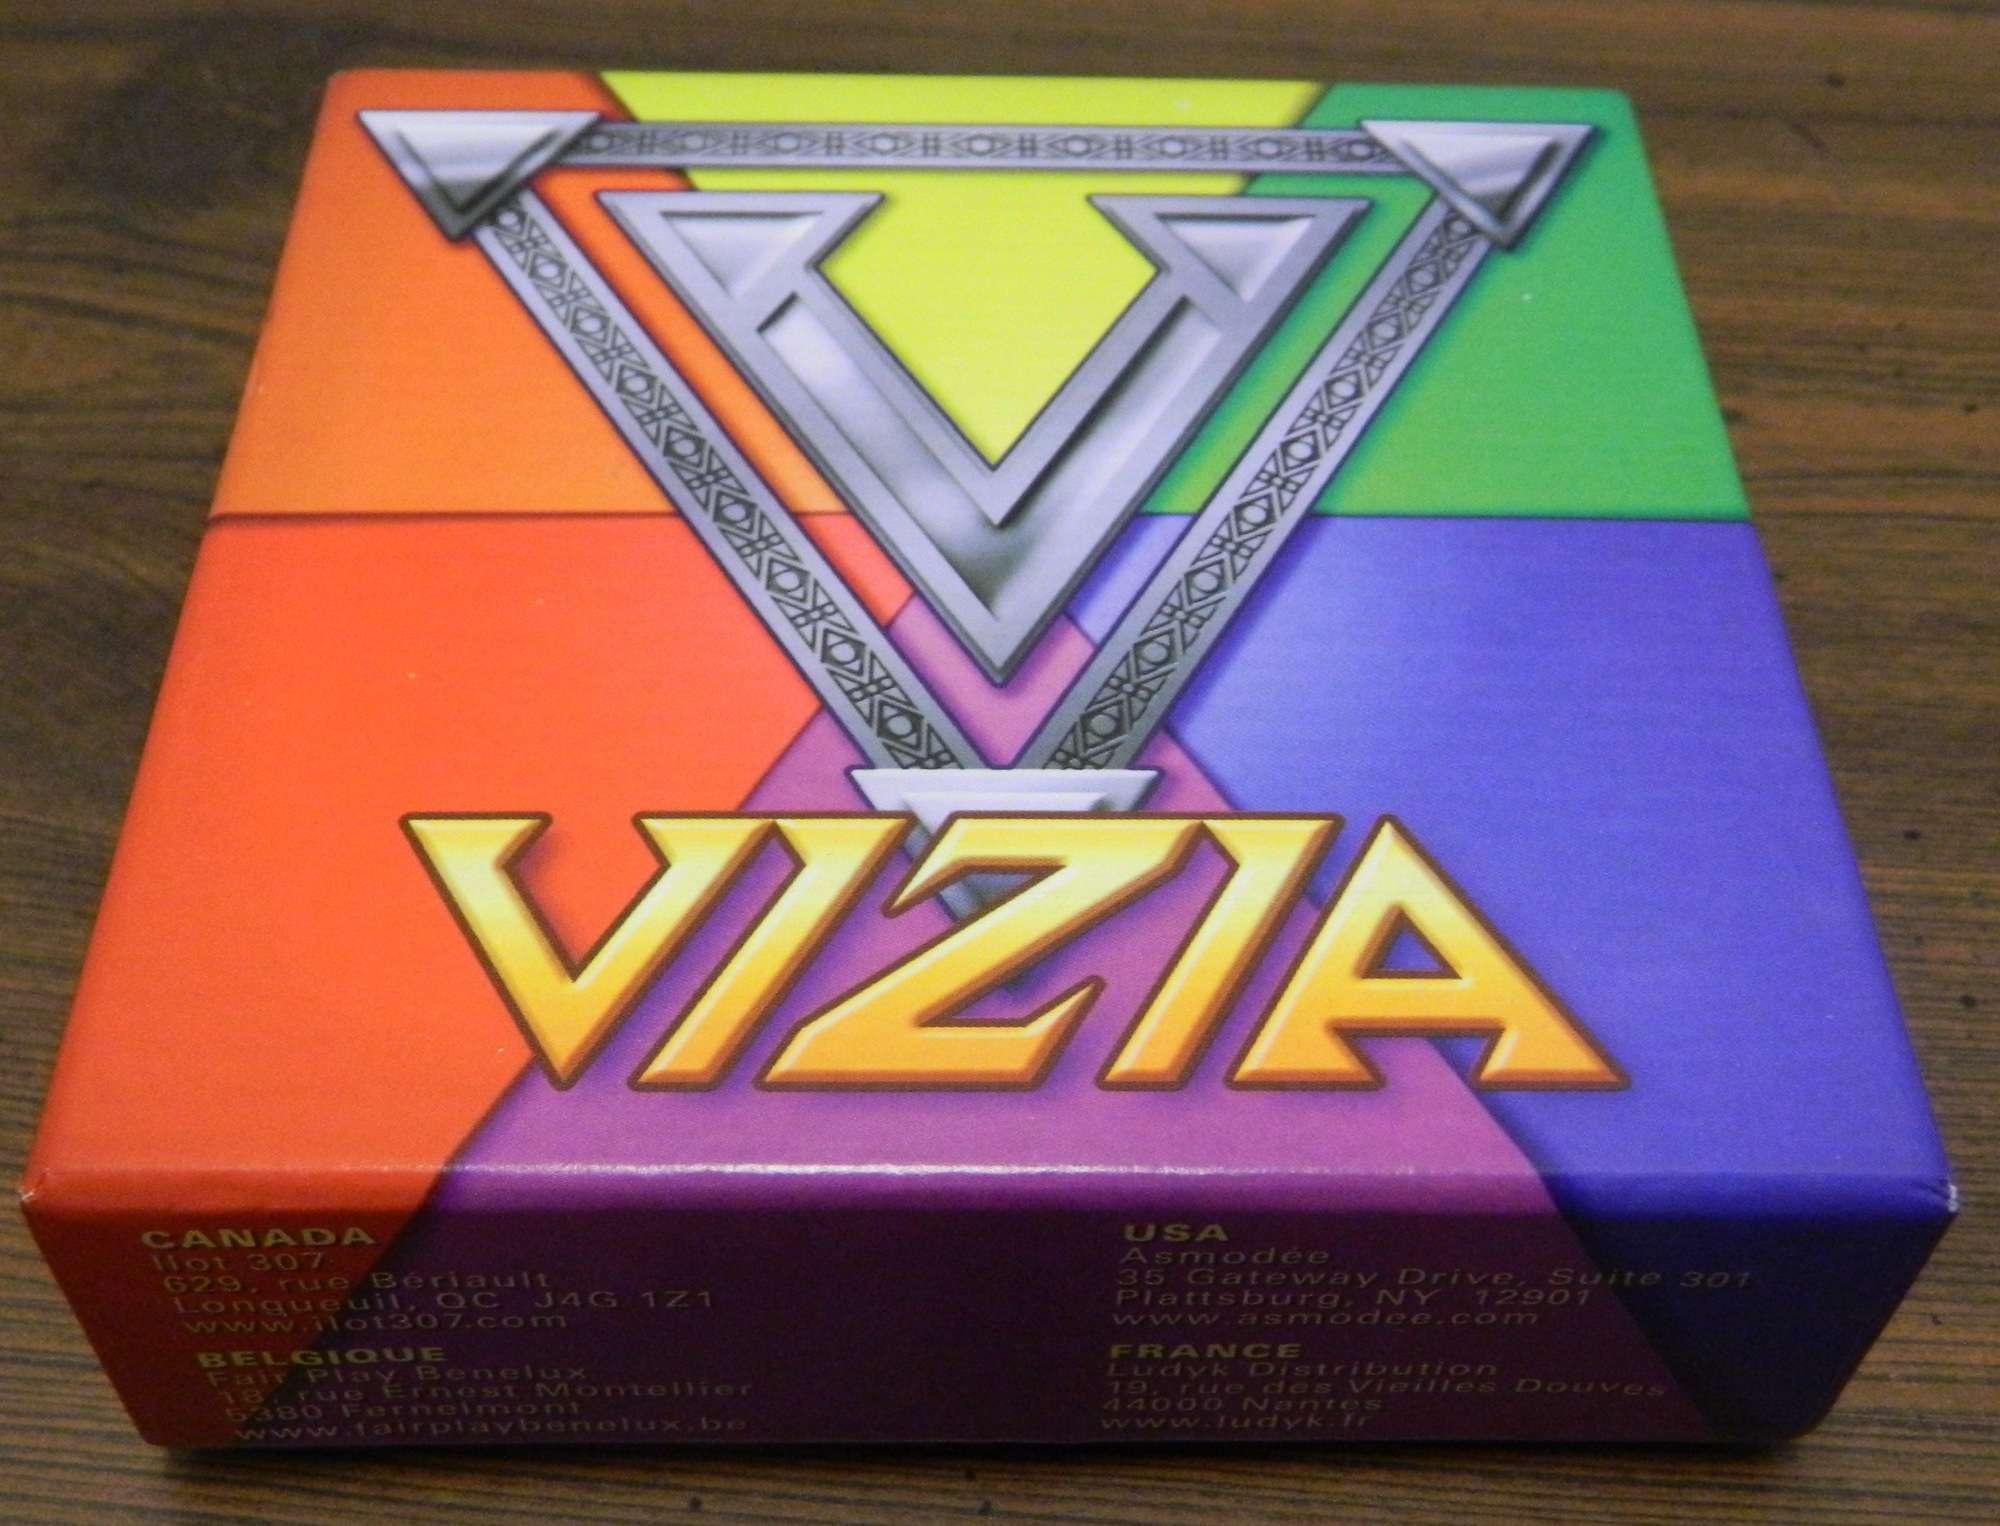 Box for Vizia